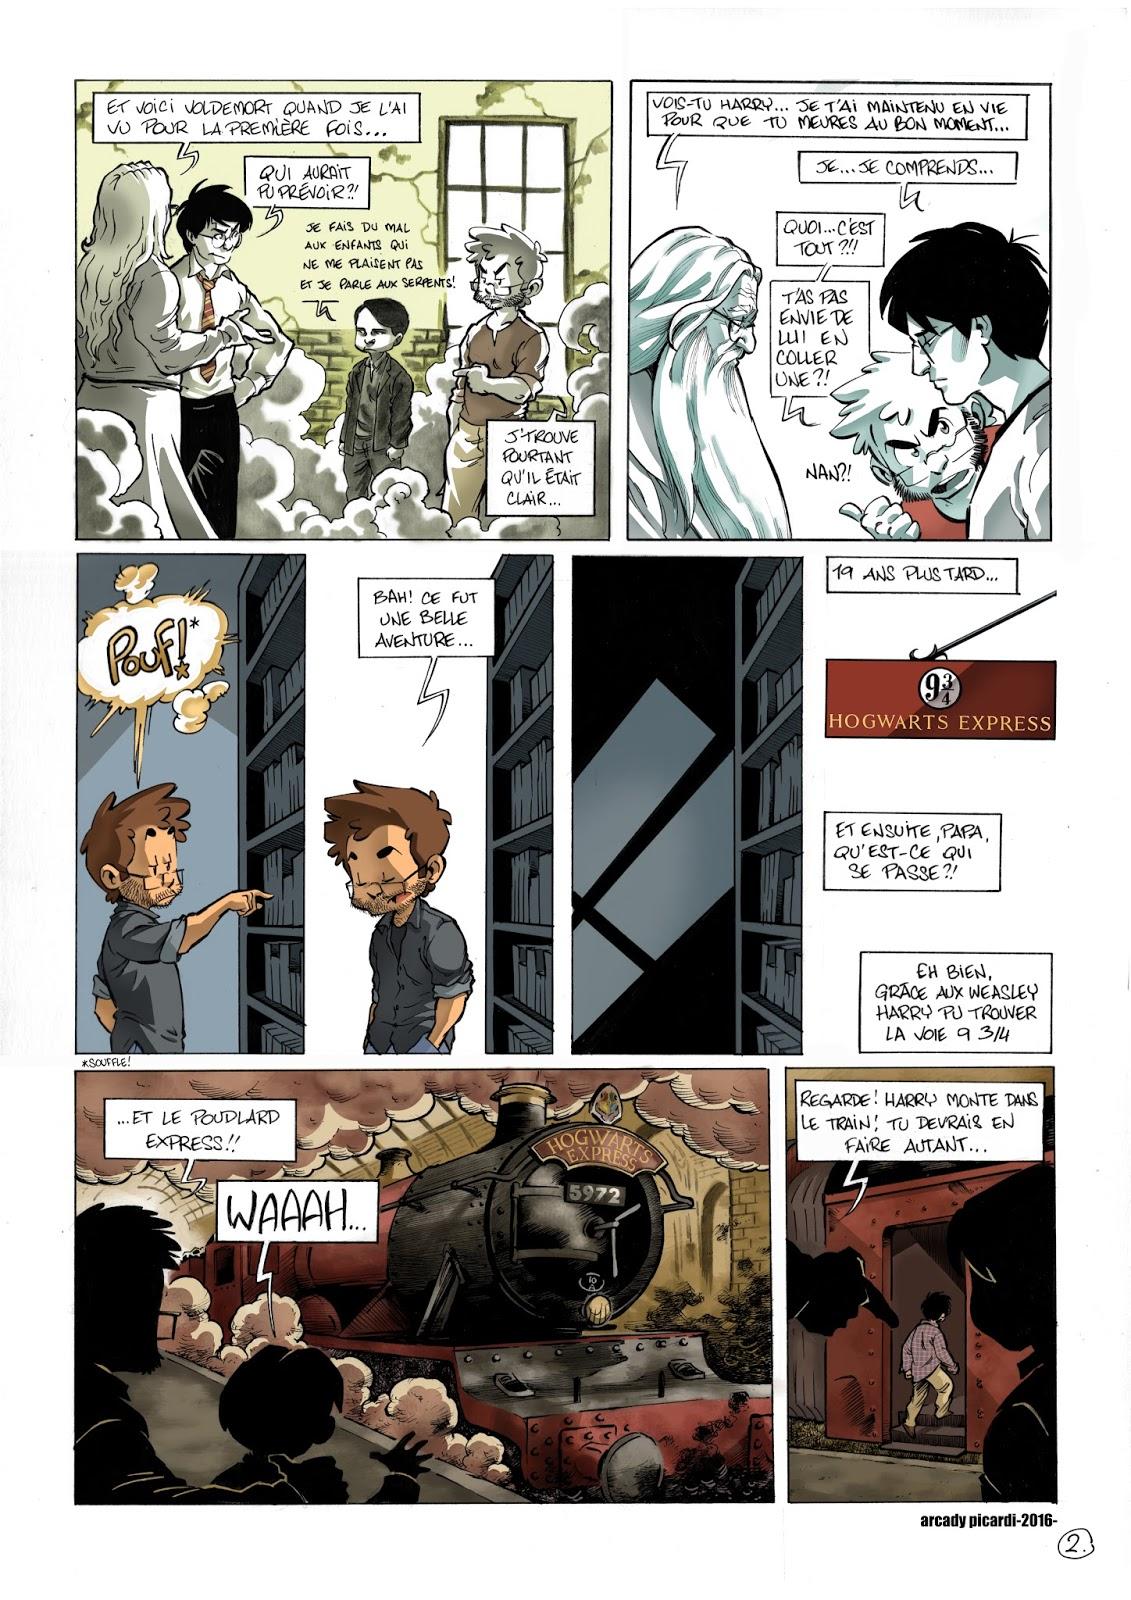 « Rendez-vous sur la voie 9 ¾ » (page 2)